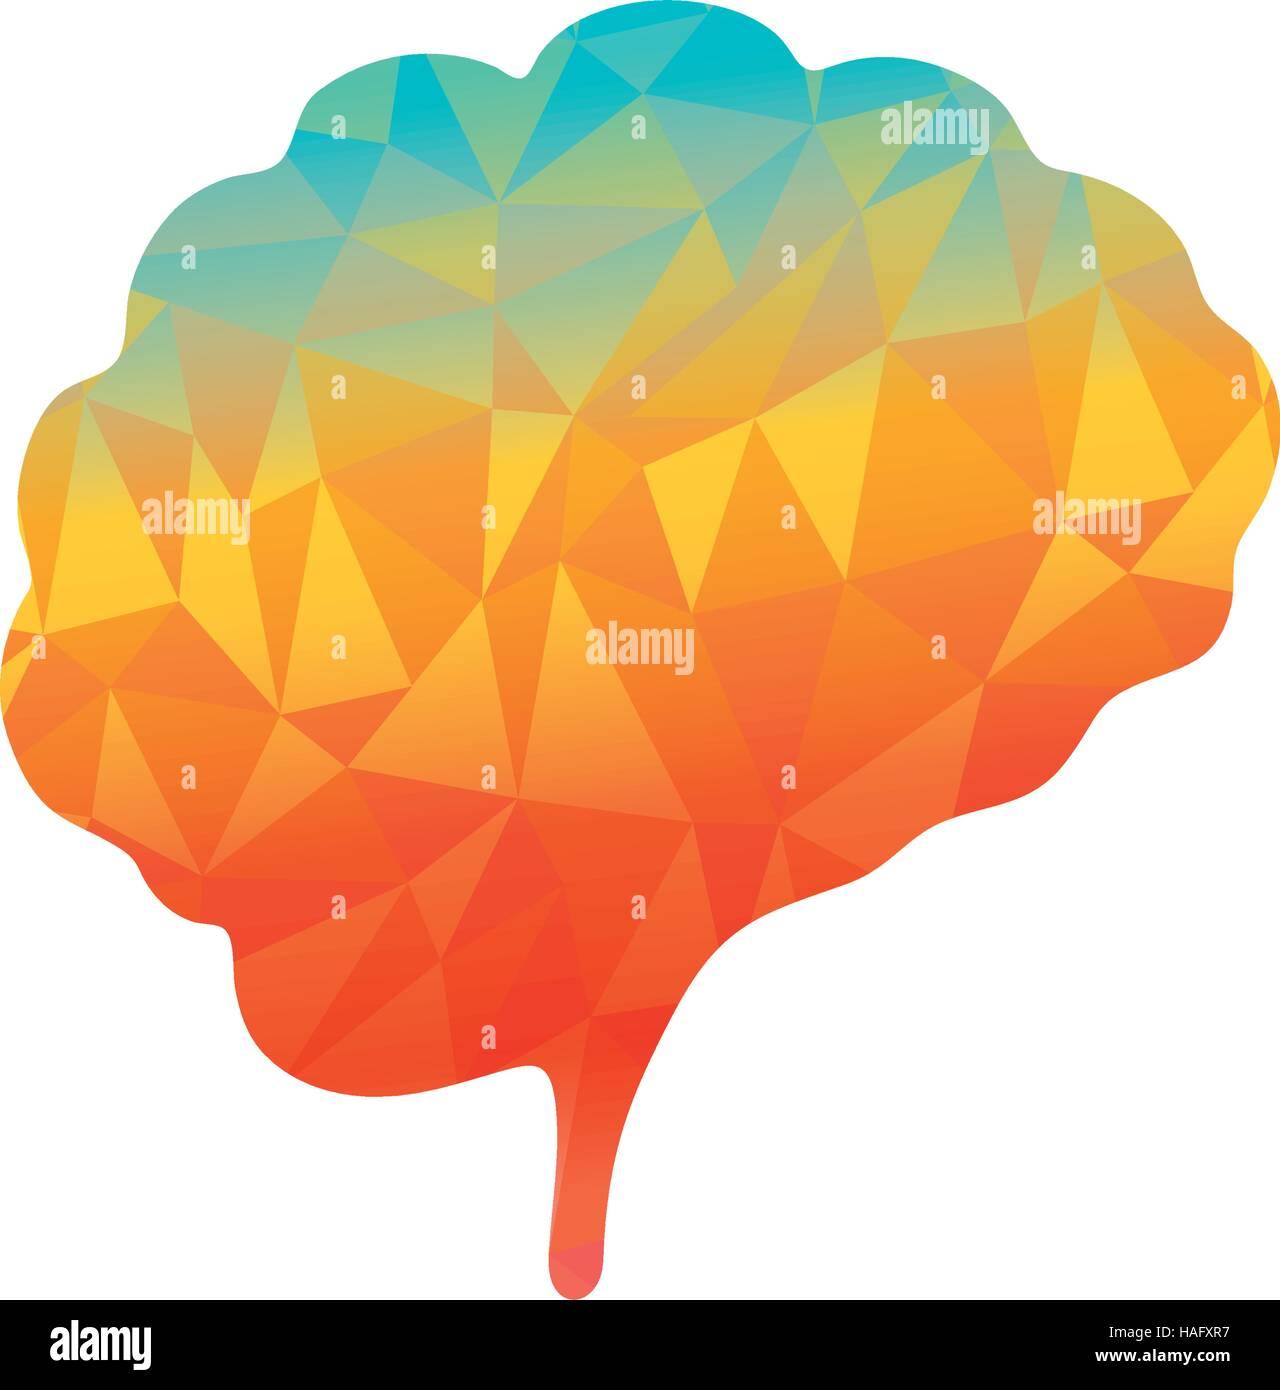 Cerebro Humano mente Imagen De Stock